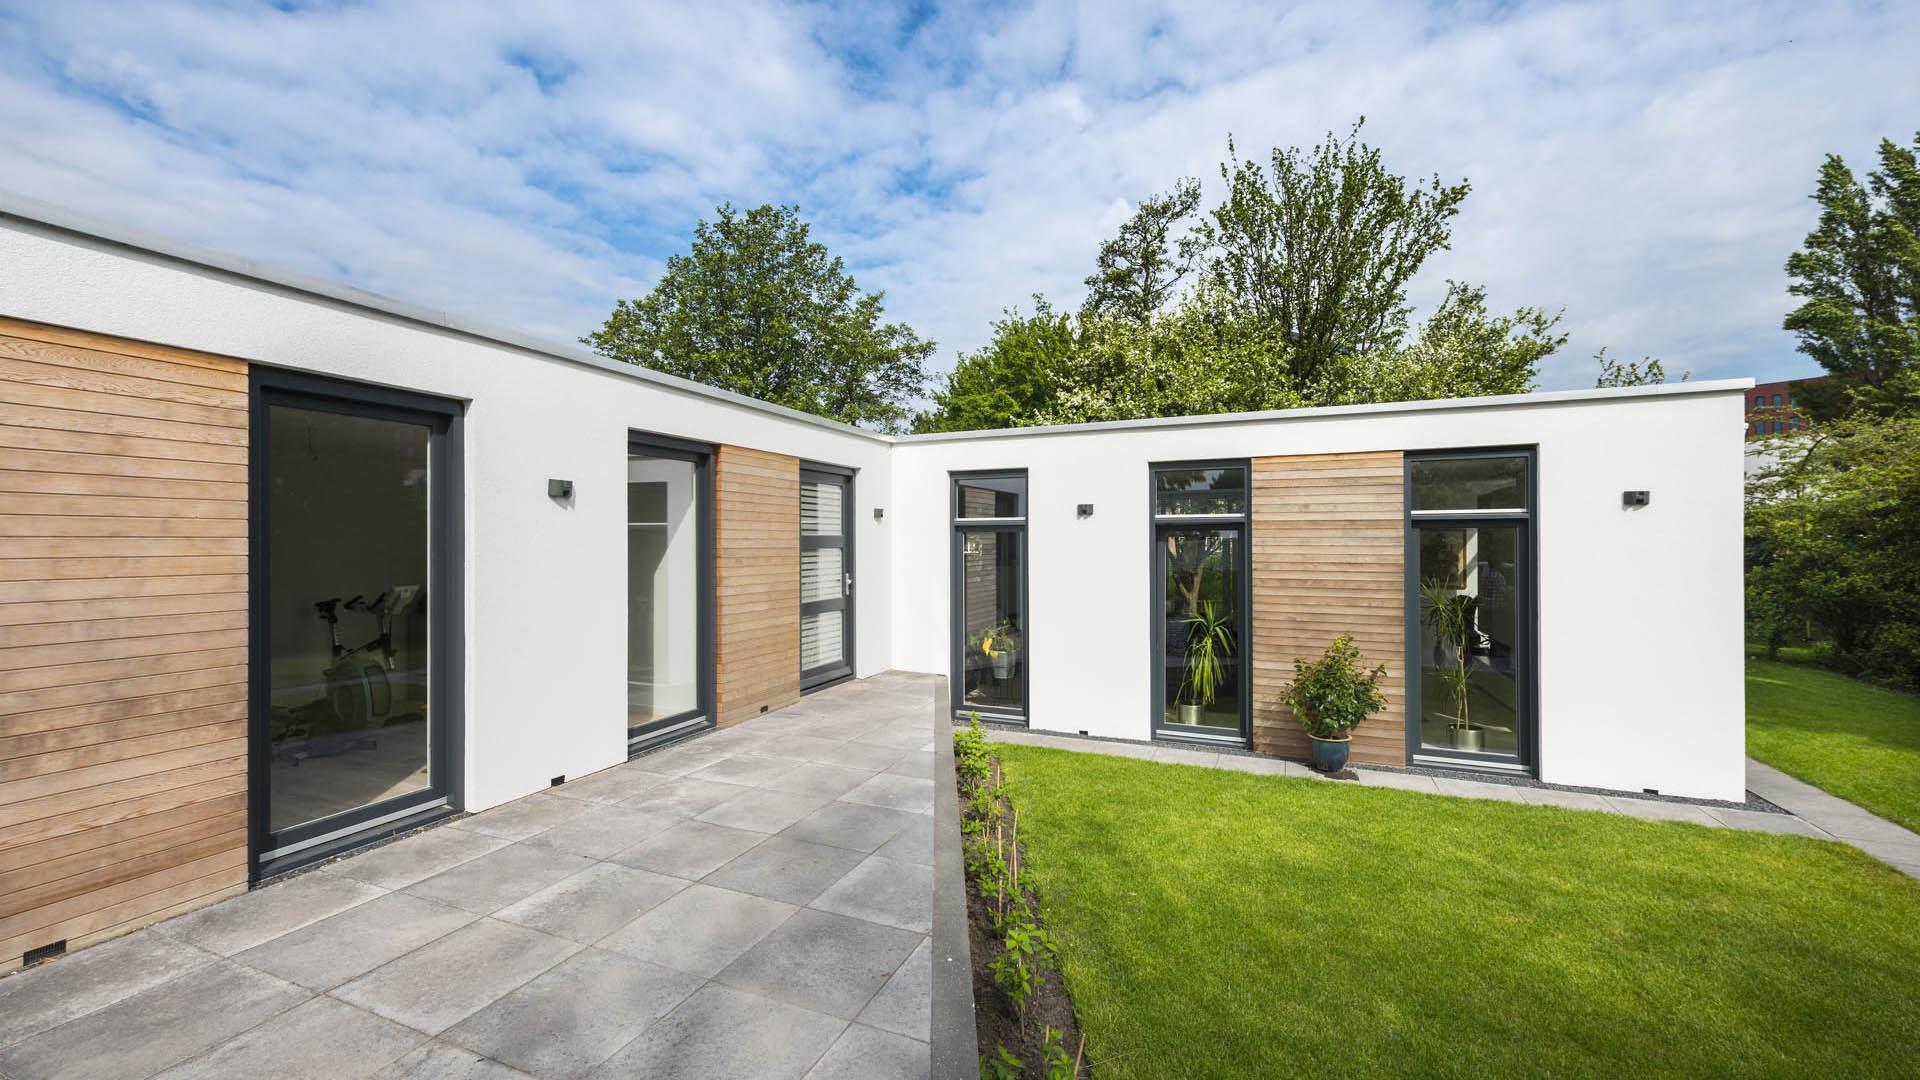 Architectuur nootdorp gooland renovatie aanbouw interieur bungalow 3 studio d11 - Architectuur renovatie ...